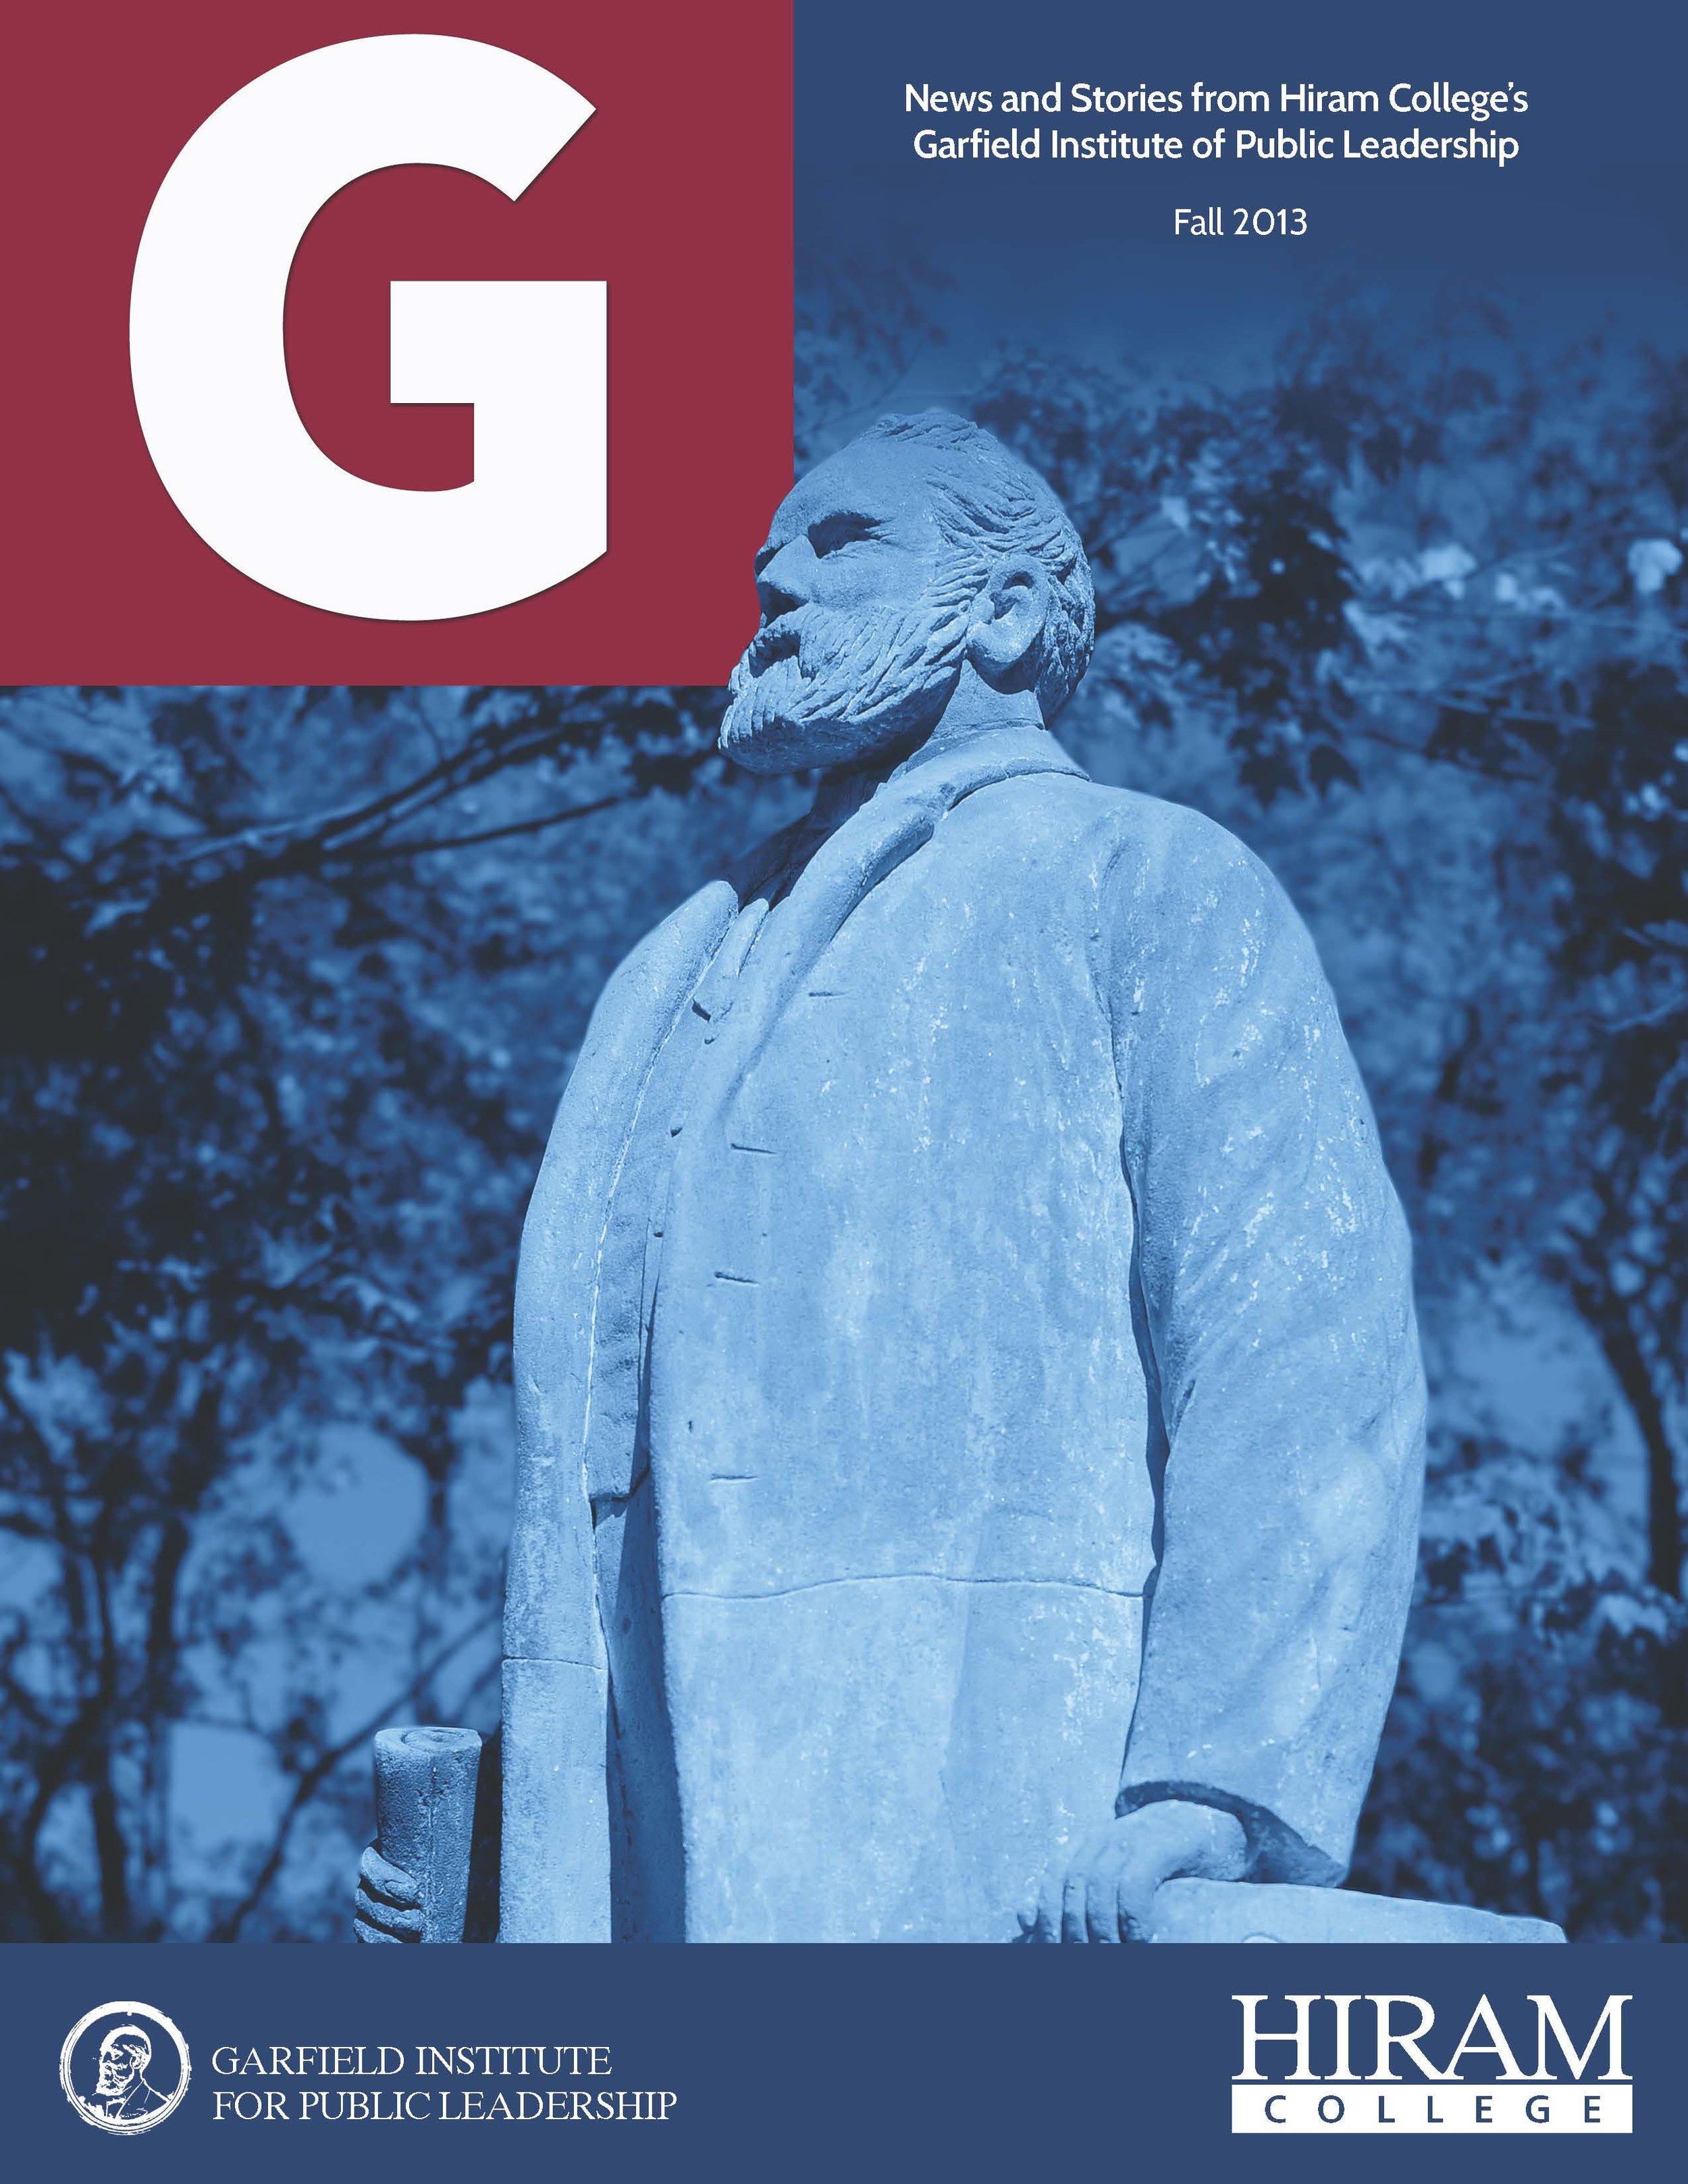 G_Institute_Newsletter_Fall 2013_Cover.jpg